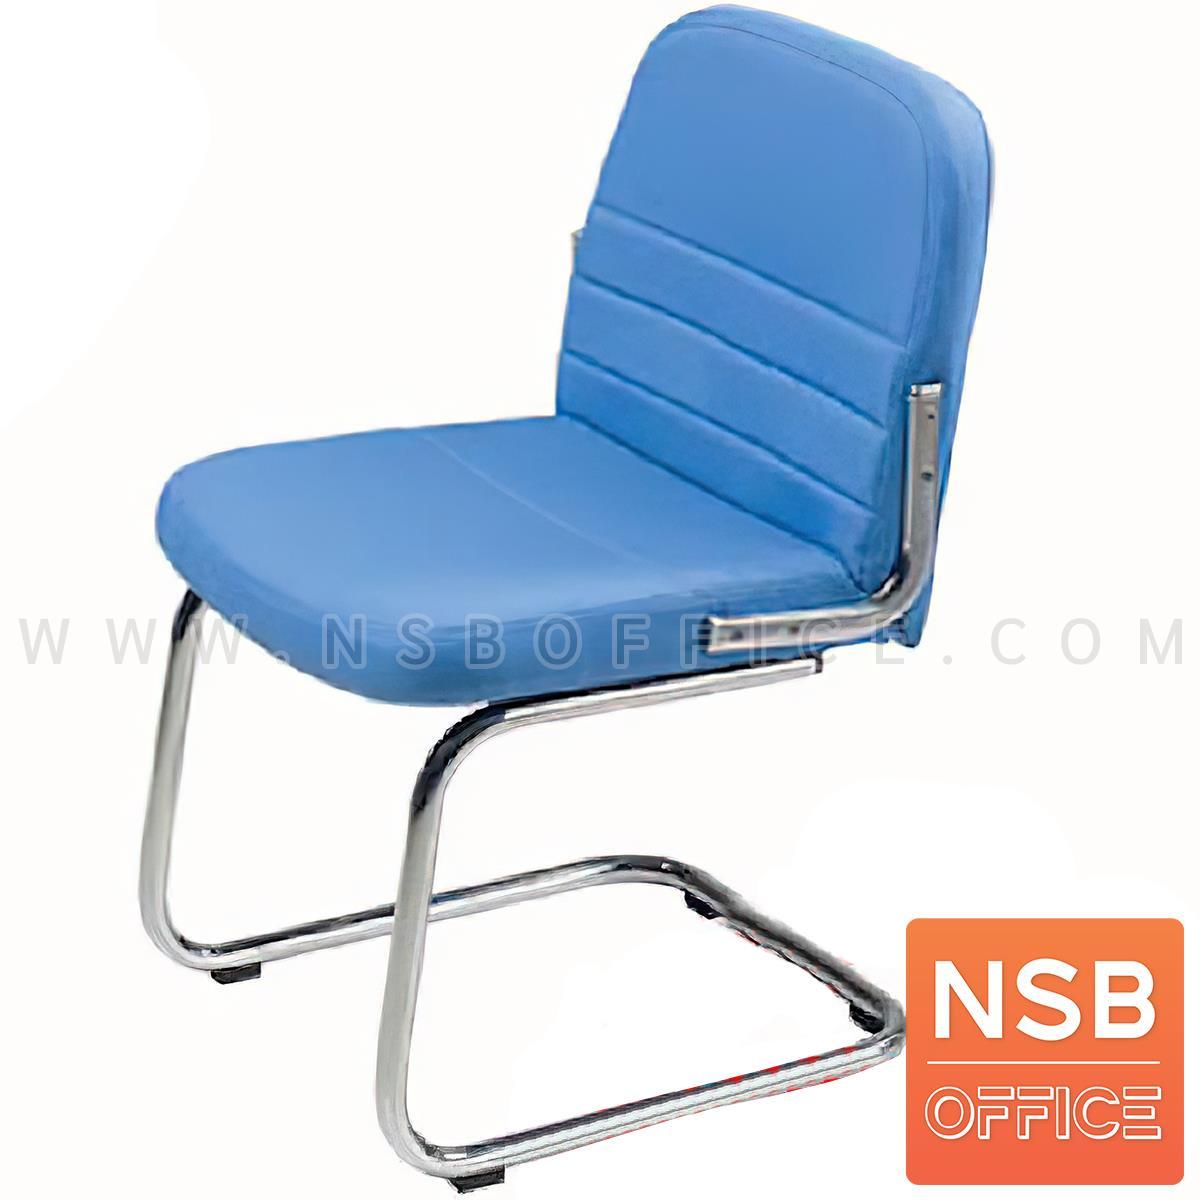 B04A201:เก้าอี้รับแขกขาตัวซี รุ่น CM-1180  ขาเหล็กชุบโครเมี่ยม